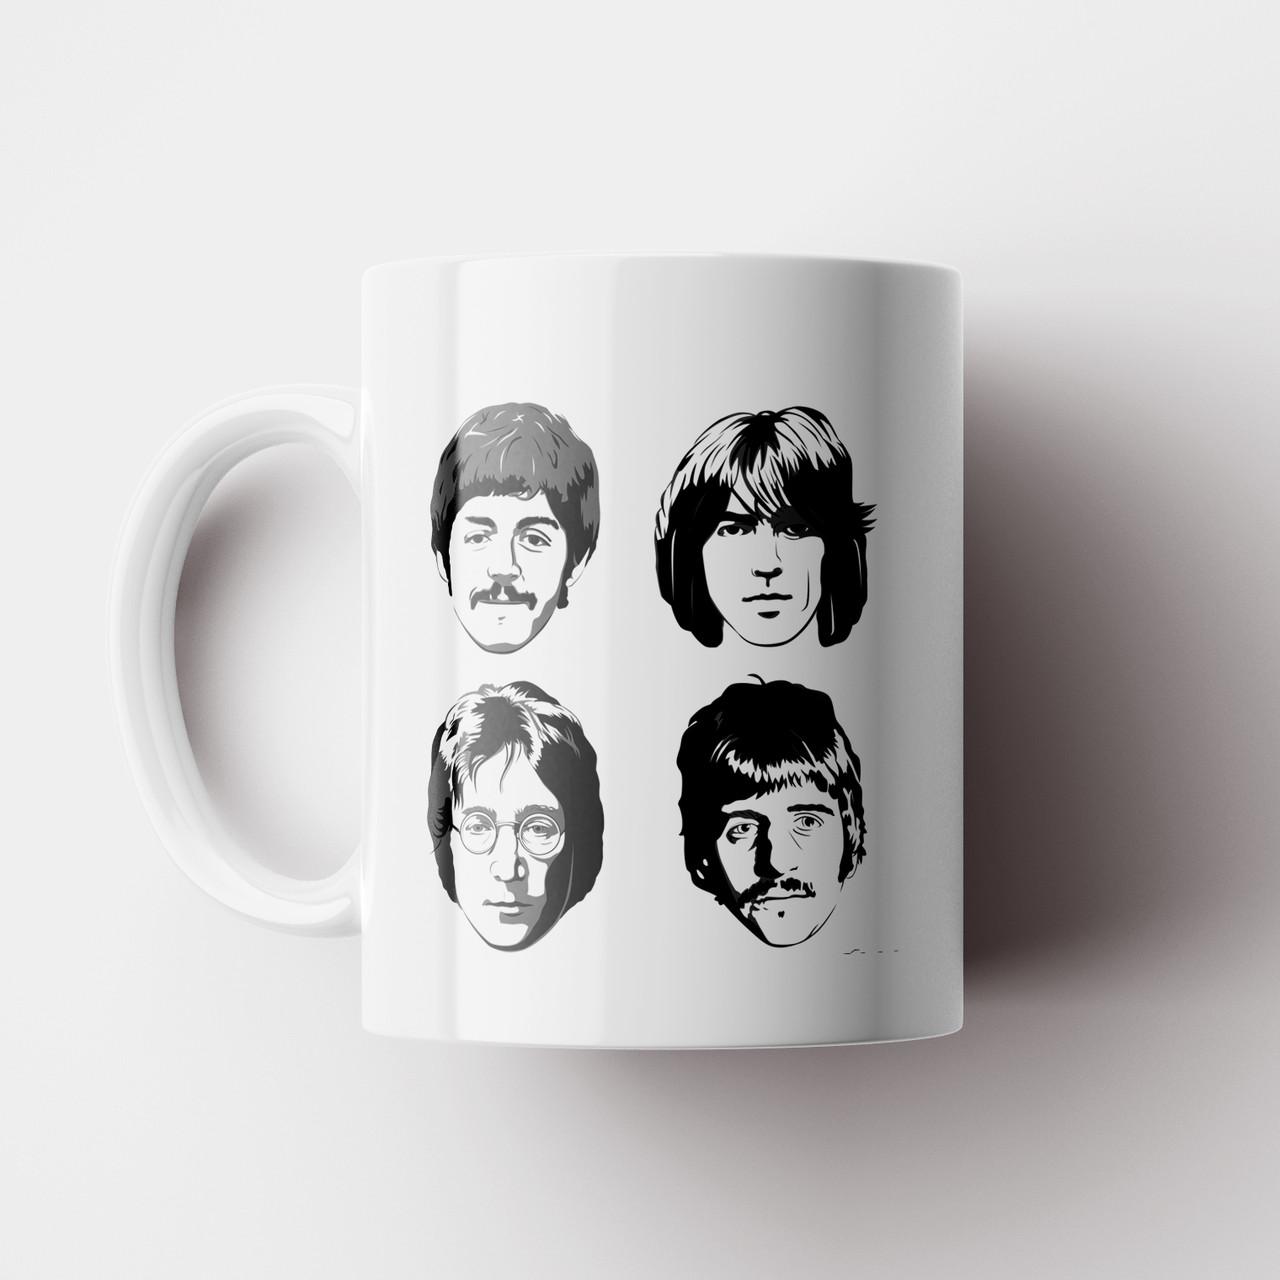 Чашка The Beatles. Битлз. Музыка. Чашка с фото